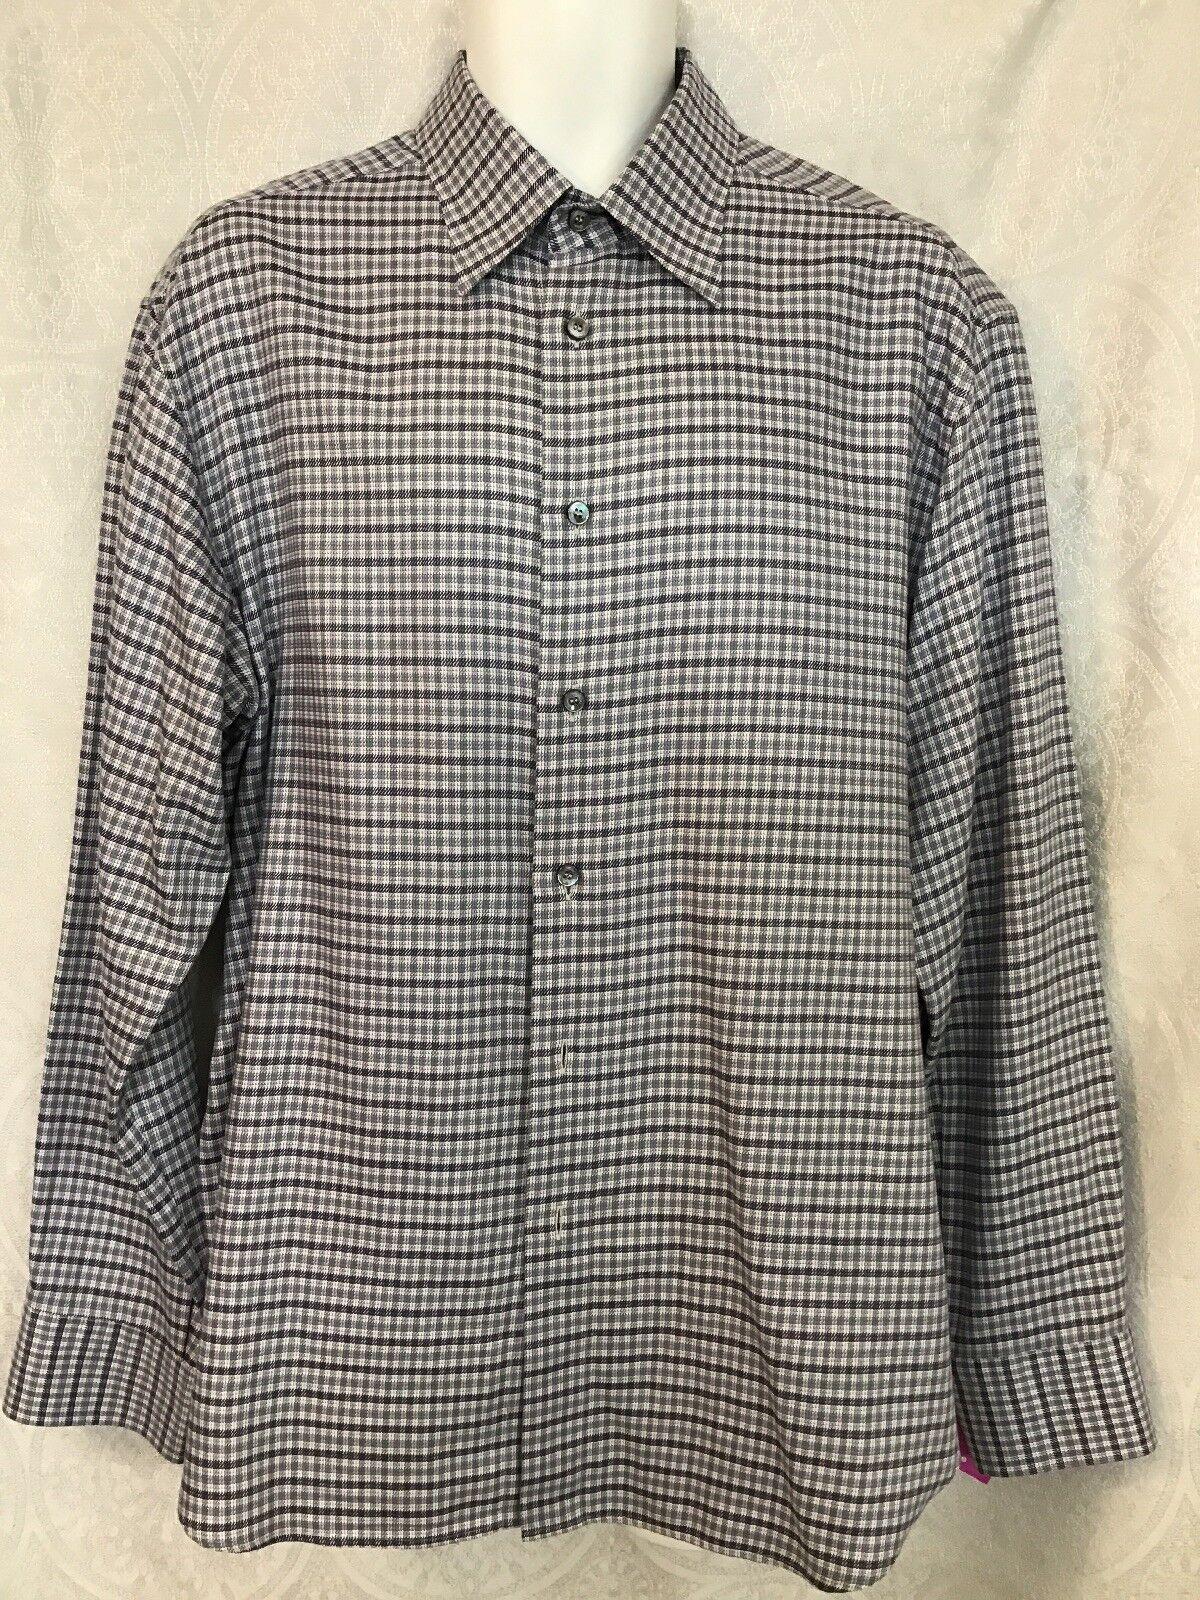 Brioni  Dress Shirt Blau Weiß Lavender Cotton Größe Xl